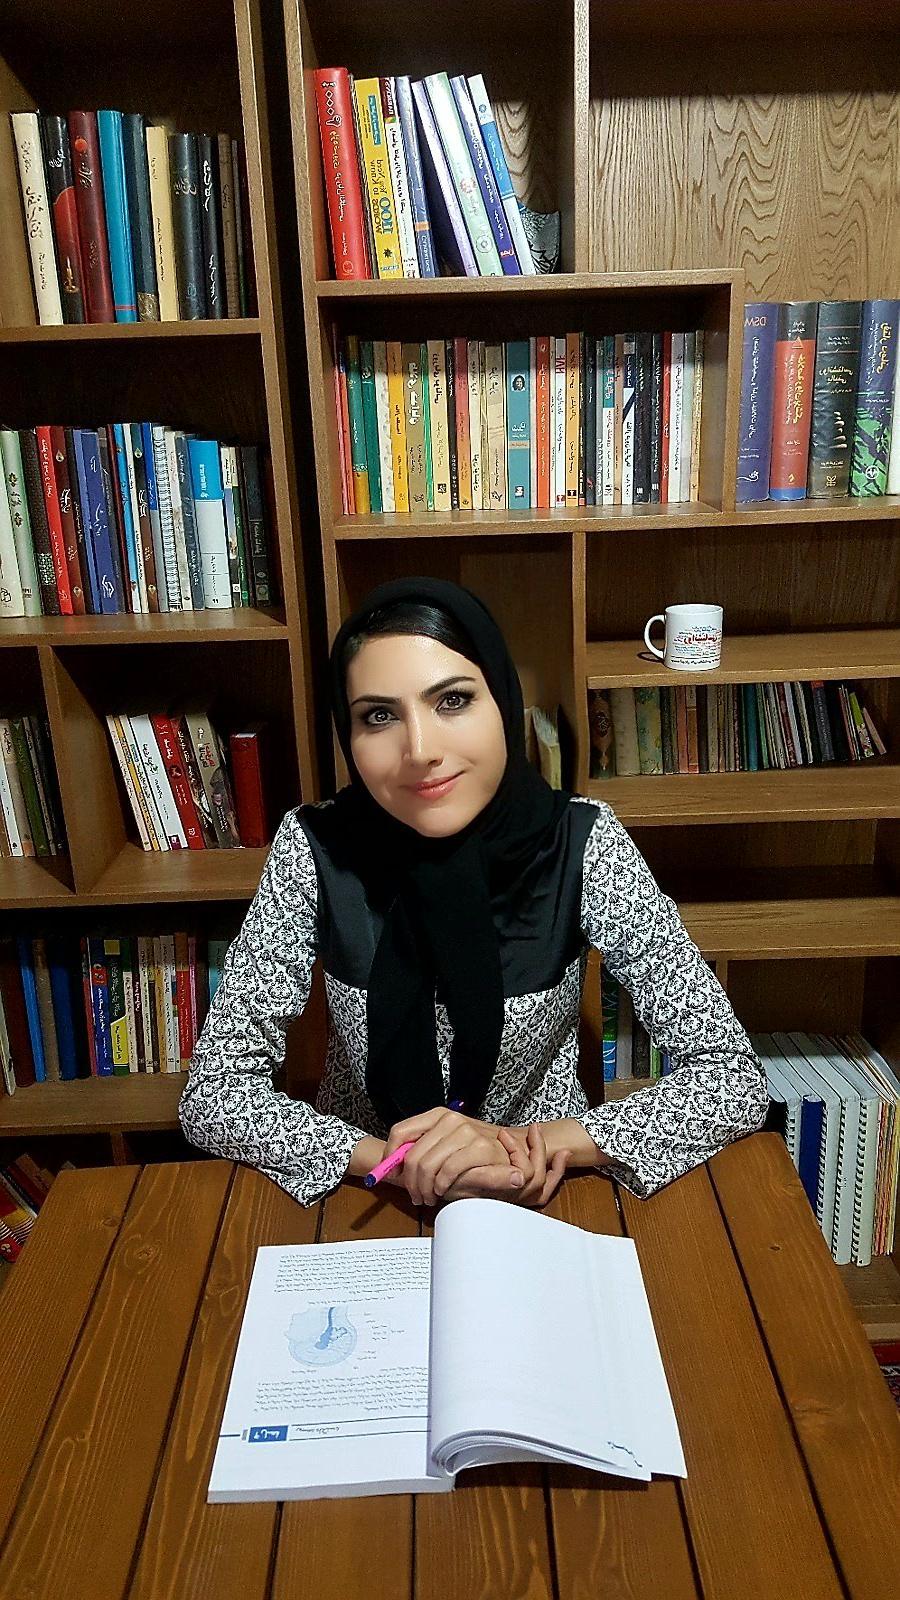 دکتر سارا حسنی روانشناس و مشاور در اراک